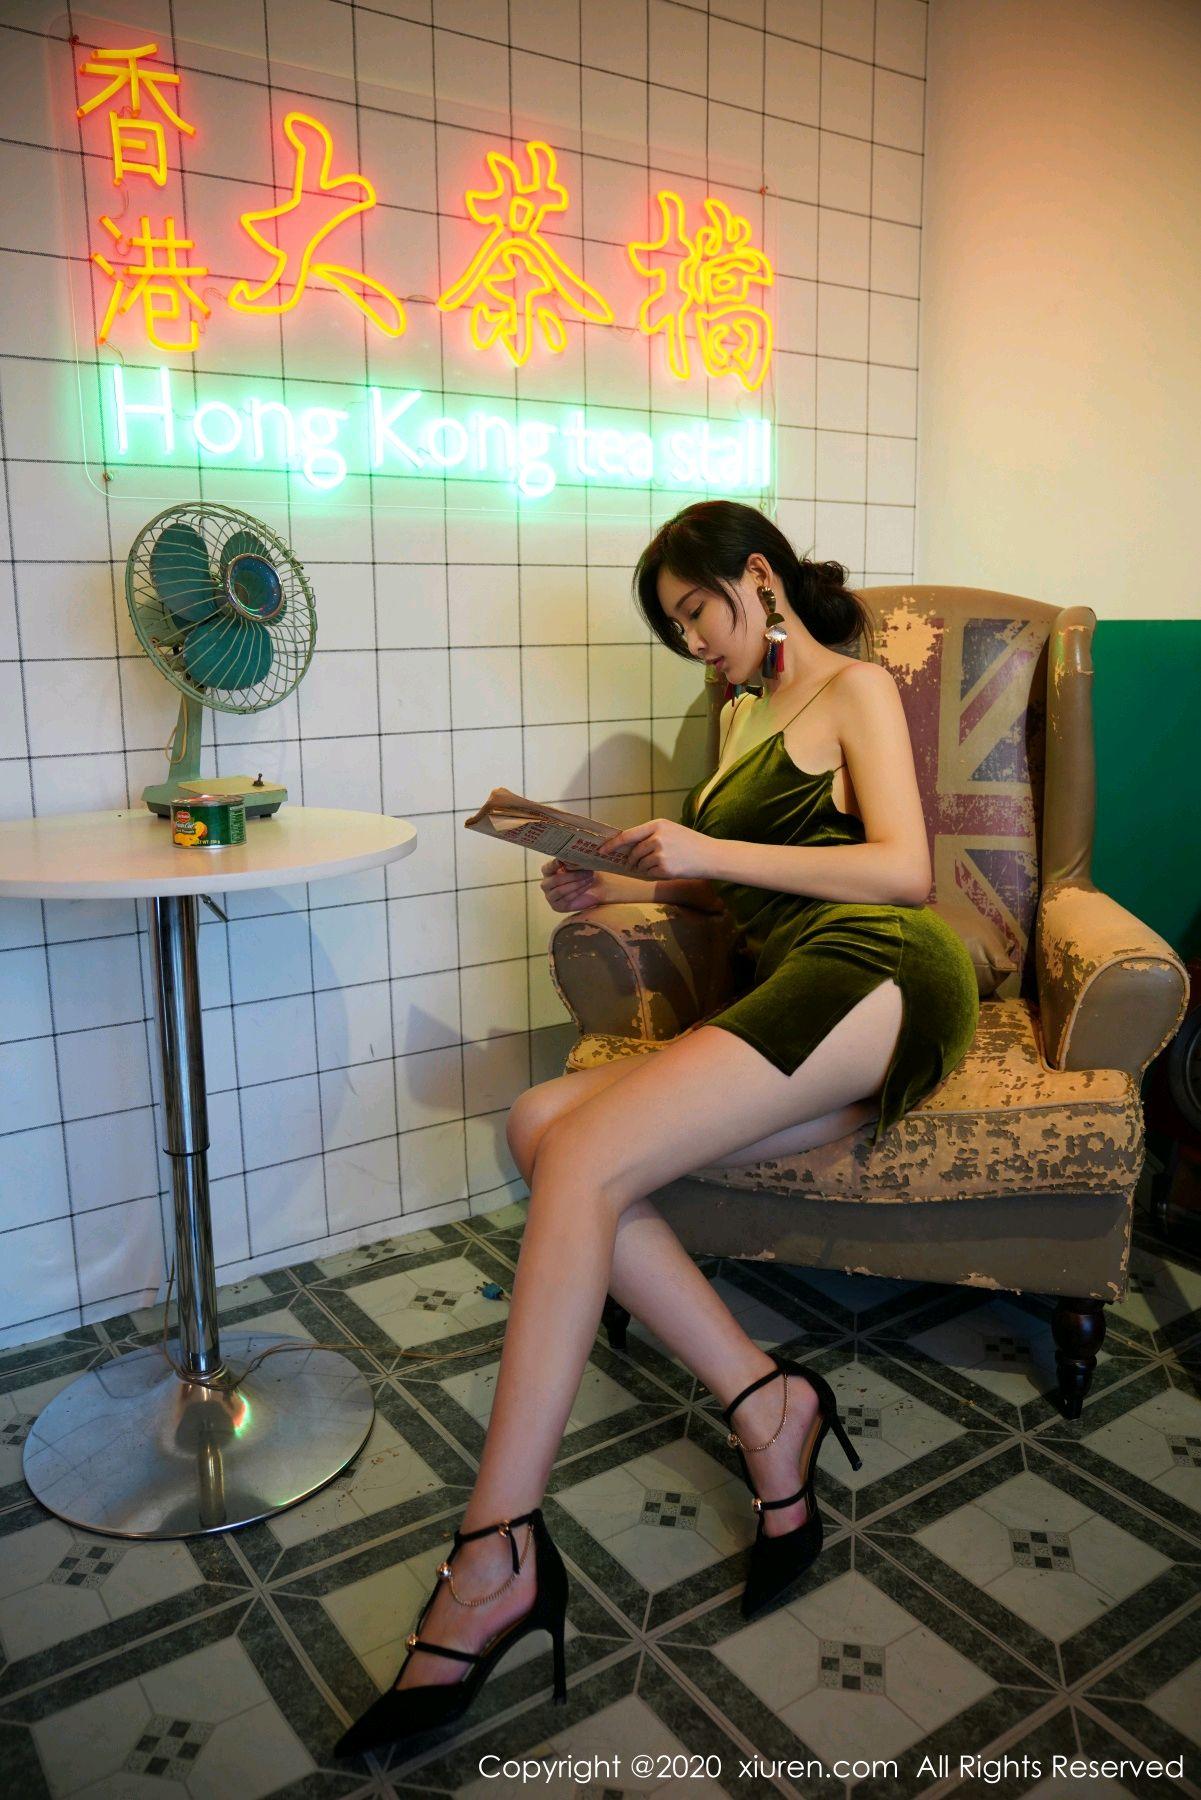 [XiuRen] Vol.2477 Tu Fei Yuan Ai Chuo QIong 2P, Sexy, Xiuren, Zhou Yan Xi